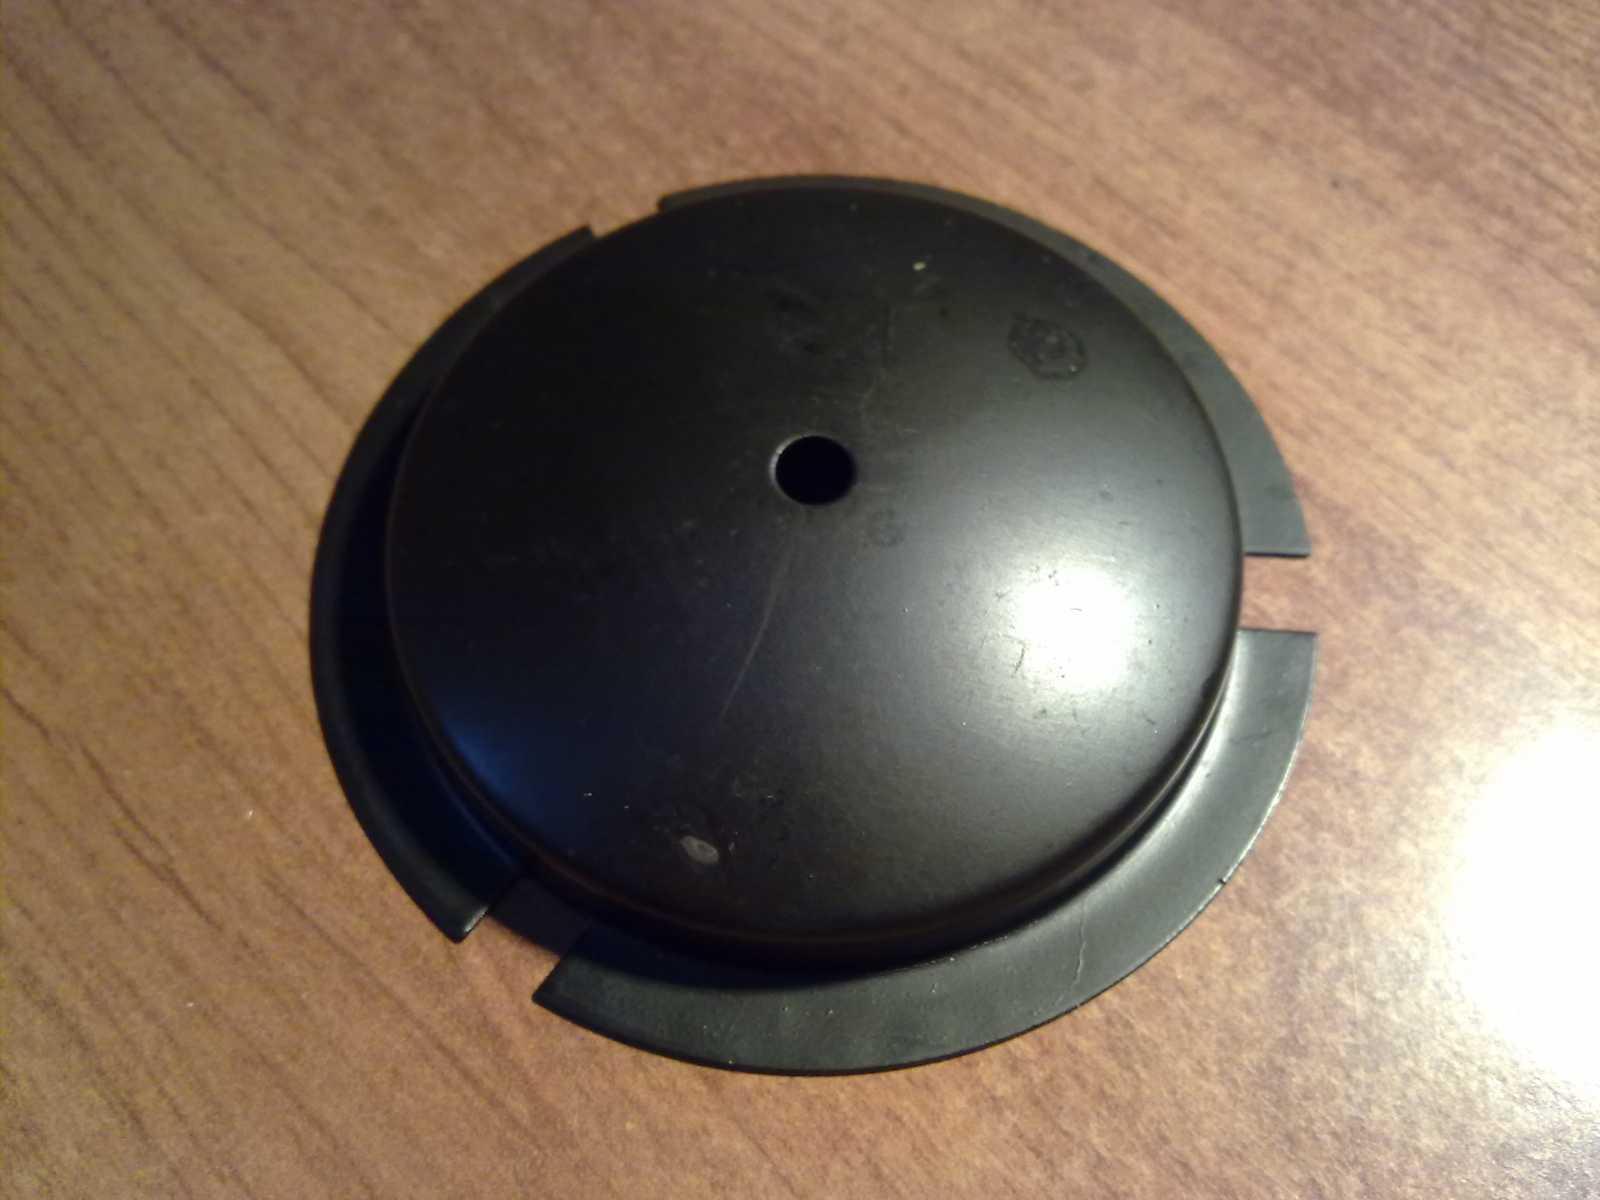 СМУ плафона освещения кабины.jpg